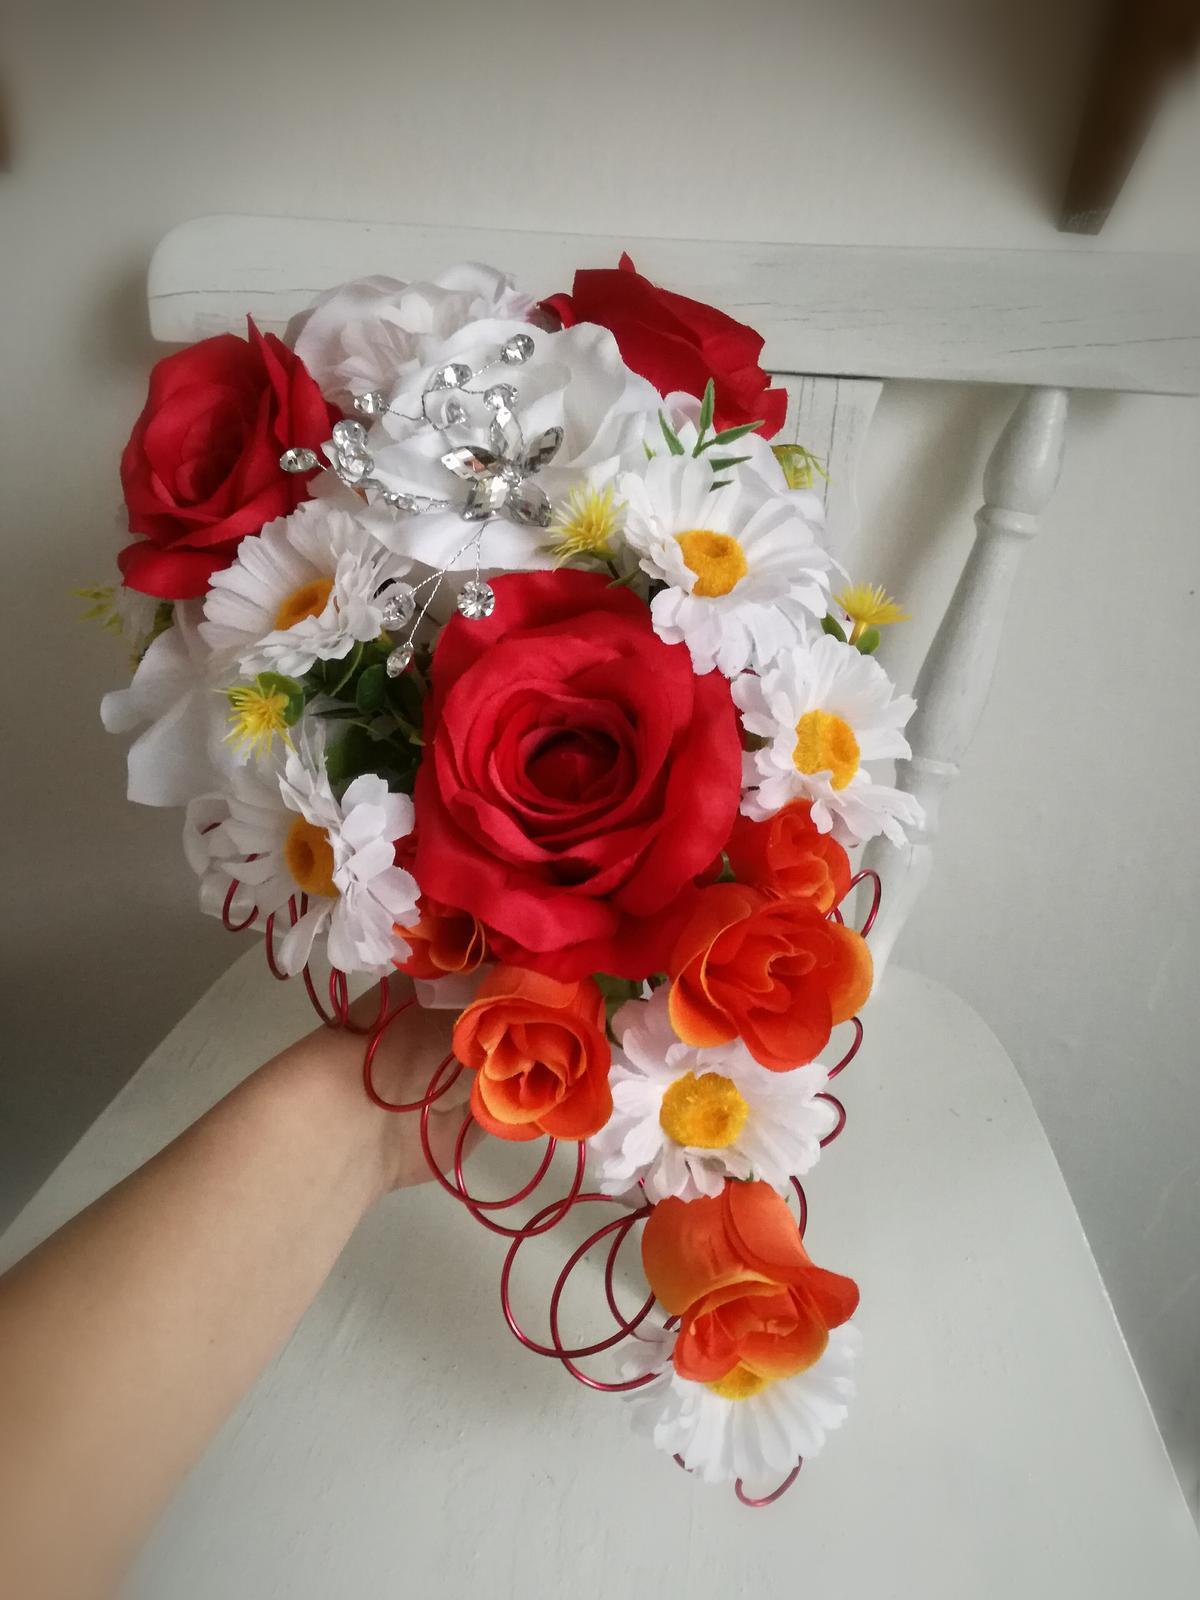 Z umelých kvetov - Obrázok č. 6